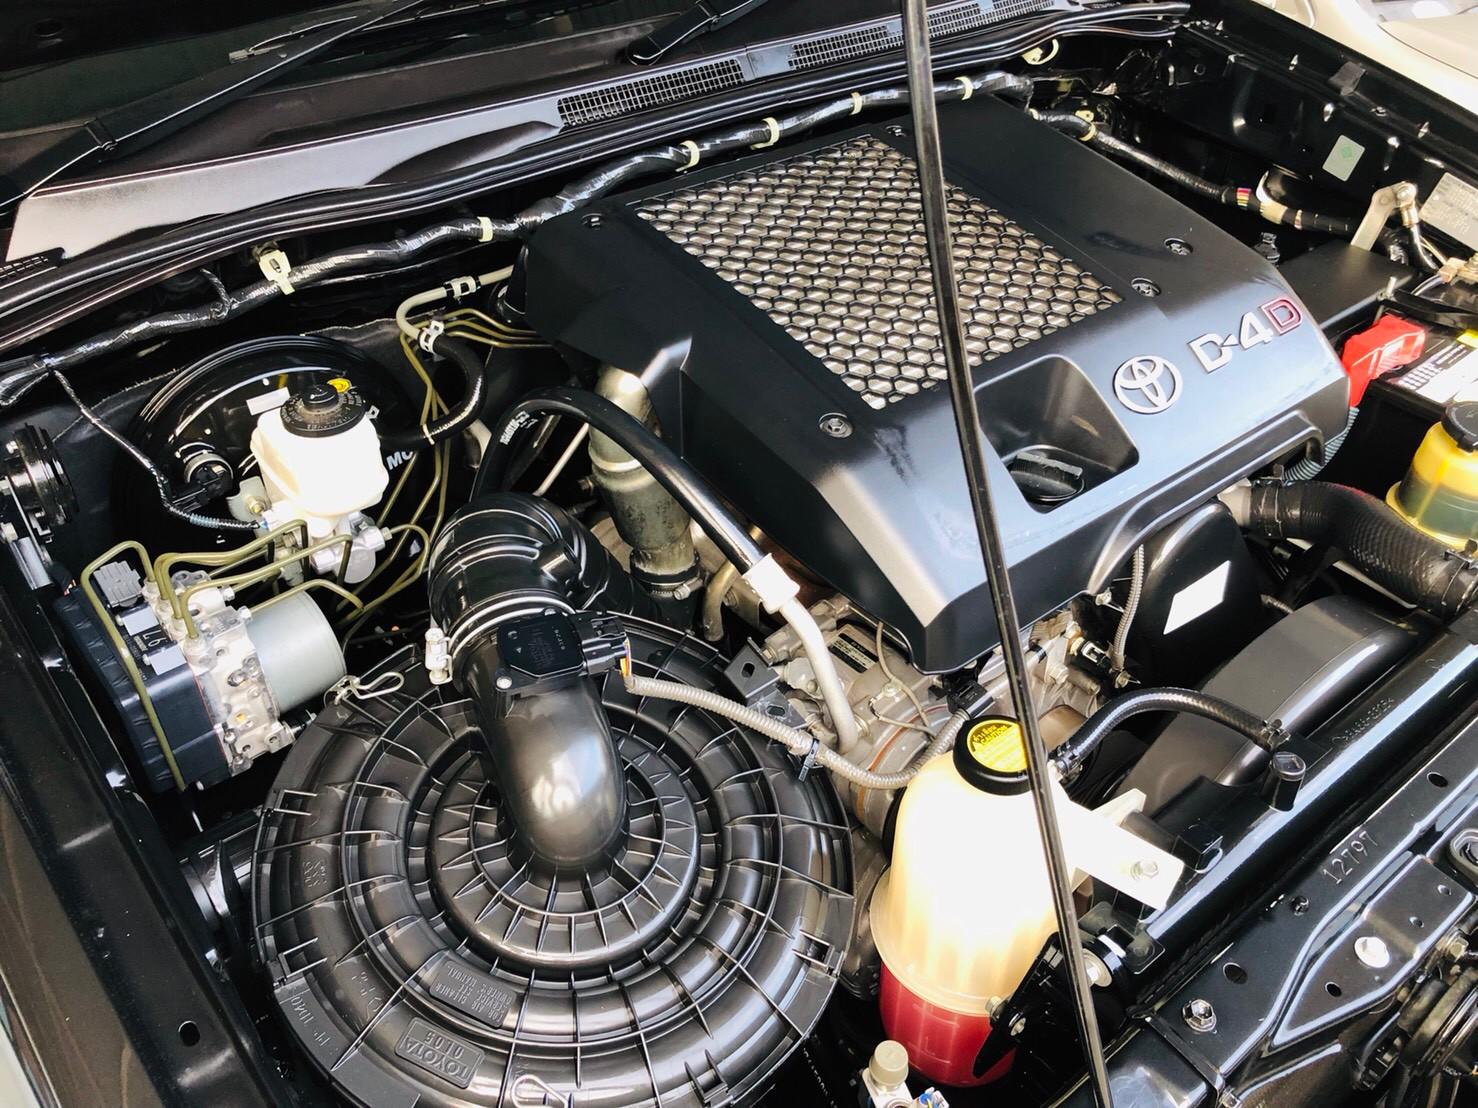 ภาพห้องเครื่อง โตโยต้า ฟอร์จูนเนอร์ 3.0 V 2WD ปี 2013